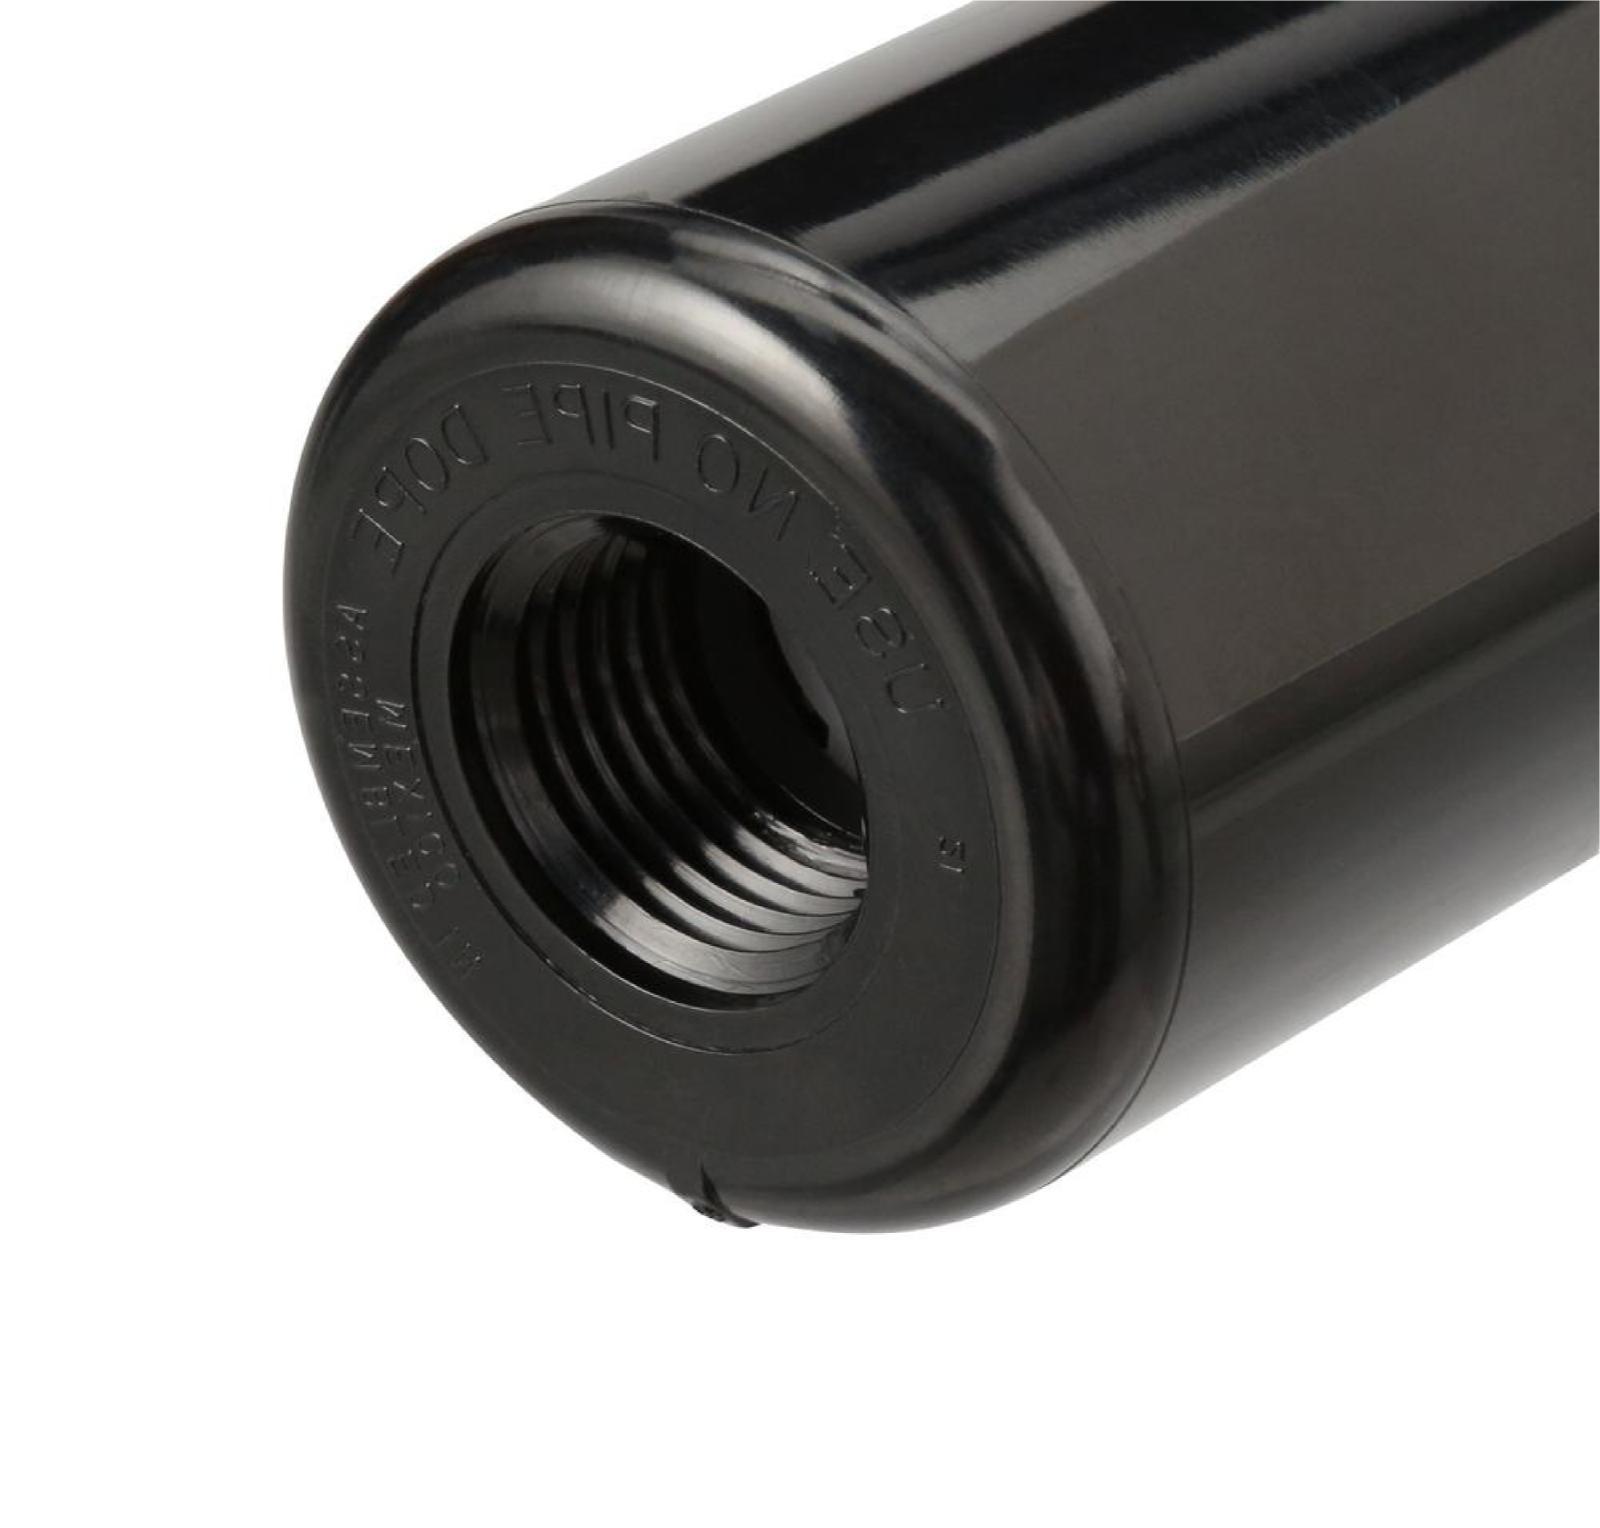 Gear Pop up Sprinklers Adjustable Self-Flushing Spring